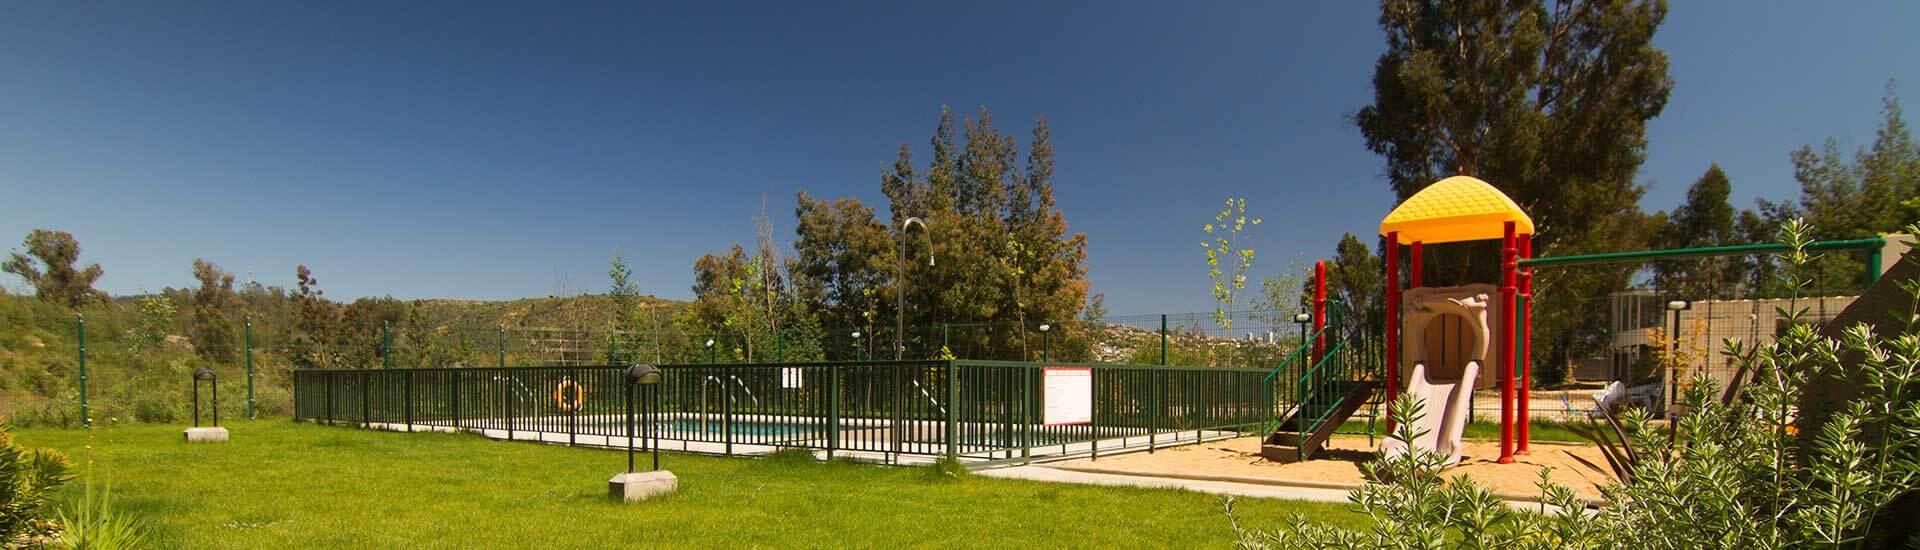 Parque Mirador III